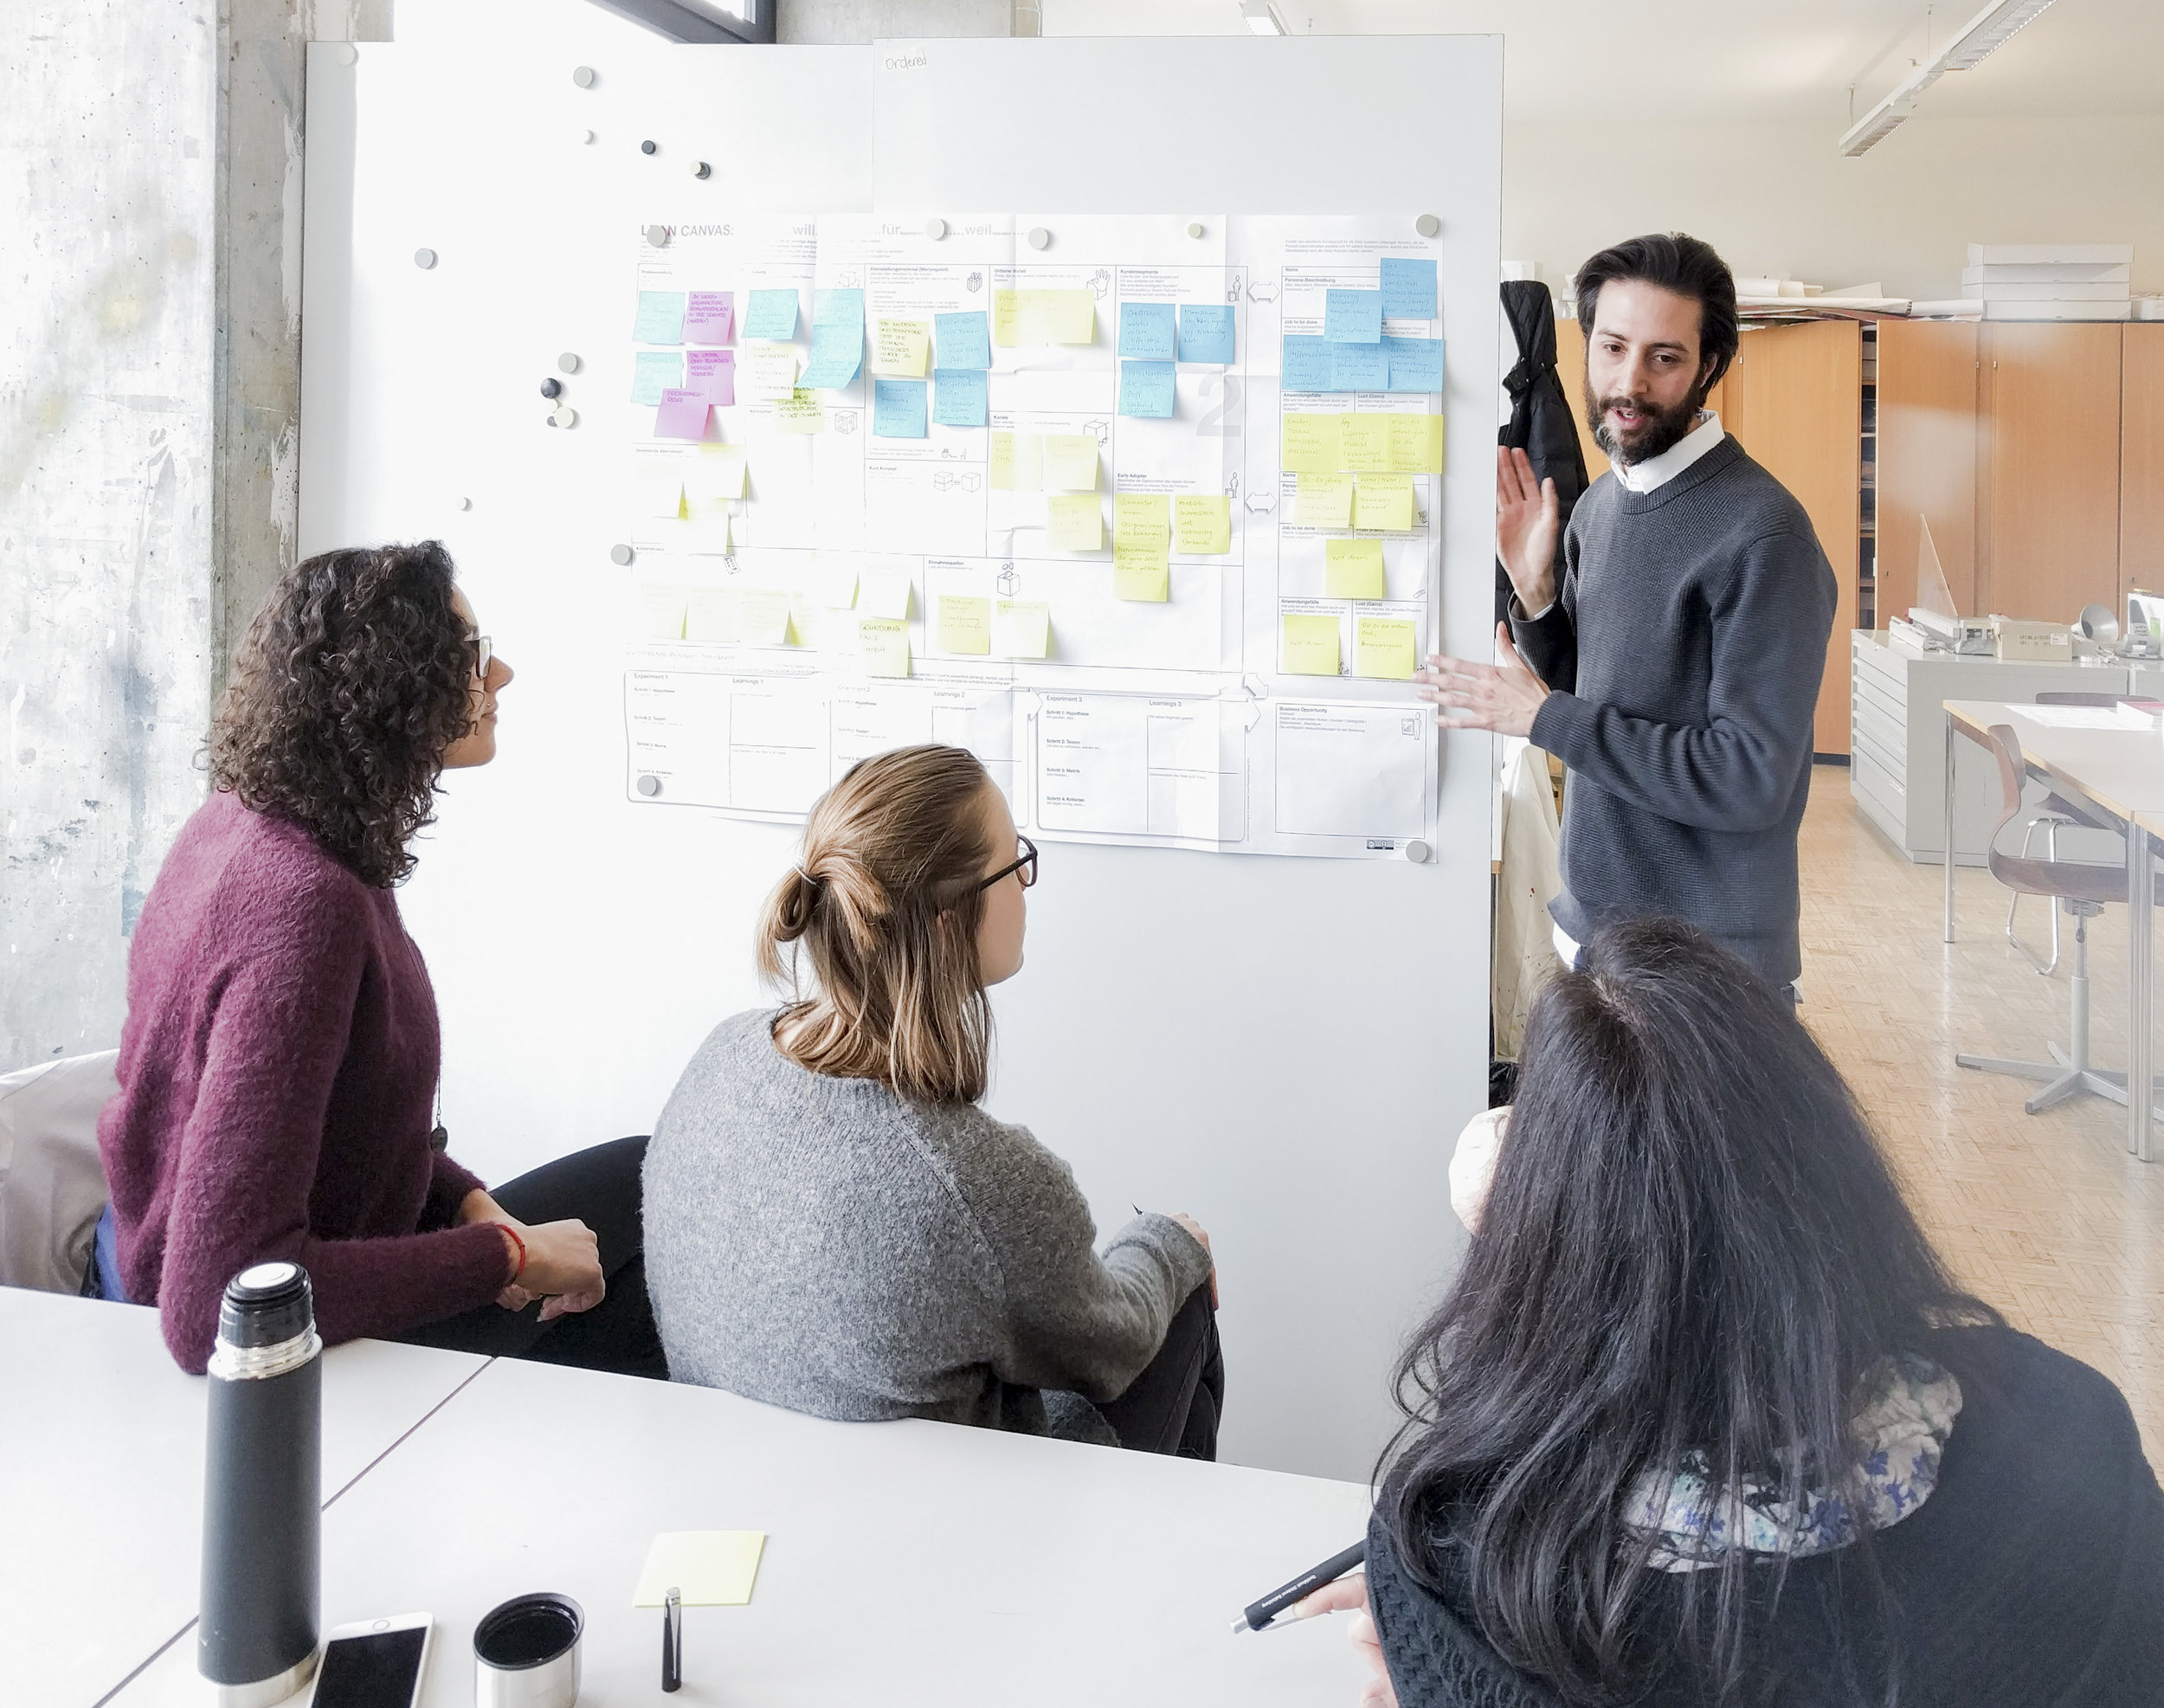 Der Mensch im Fokus. - Design hat zum Ziel die Kunden nachhaltig zu begeistern. Kunden und deren Bedürfnisse werden ins Zentrum aller Überlegungen gerückt – man nimmt quasi die Rolle des «Kundenanwalts» ein. Gelingt es die Kunden- oder eben die «Design»-Perspektive in der gesamten Organisation einzunehmen, stärkt «Design» die Wettbewerbsfähigkeit, die Innovationskraft, wie auch die Kundenloyalität, indem kunden- und marktrelevante Angebote entwickelt werden.